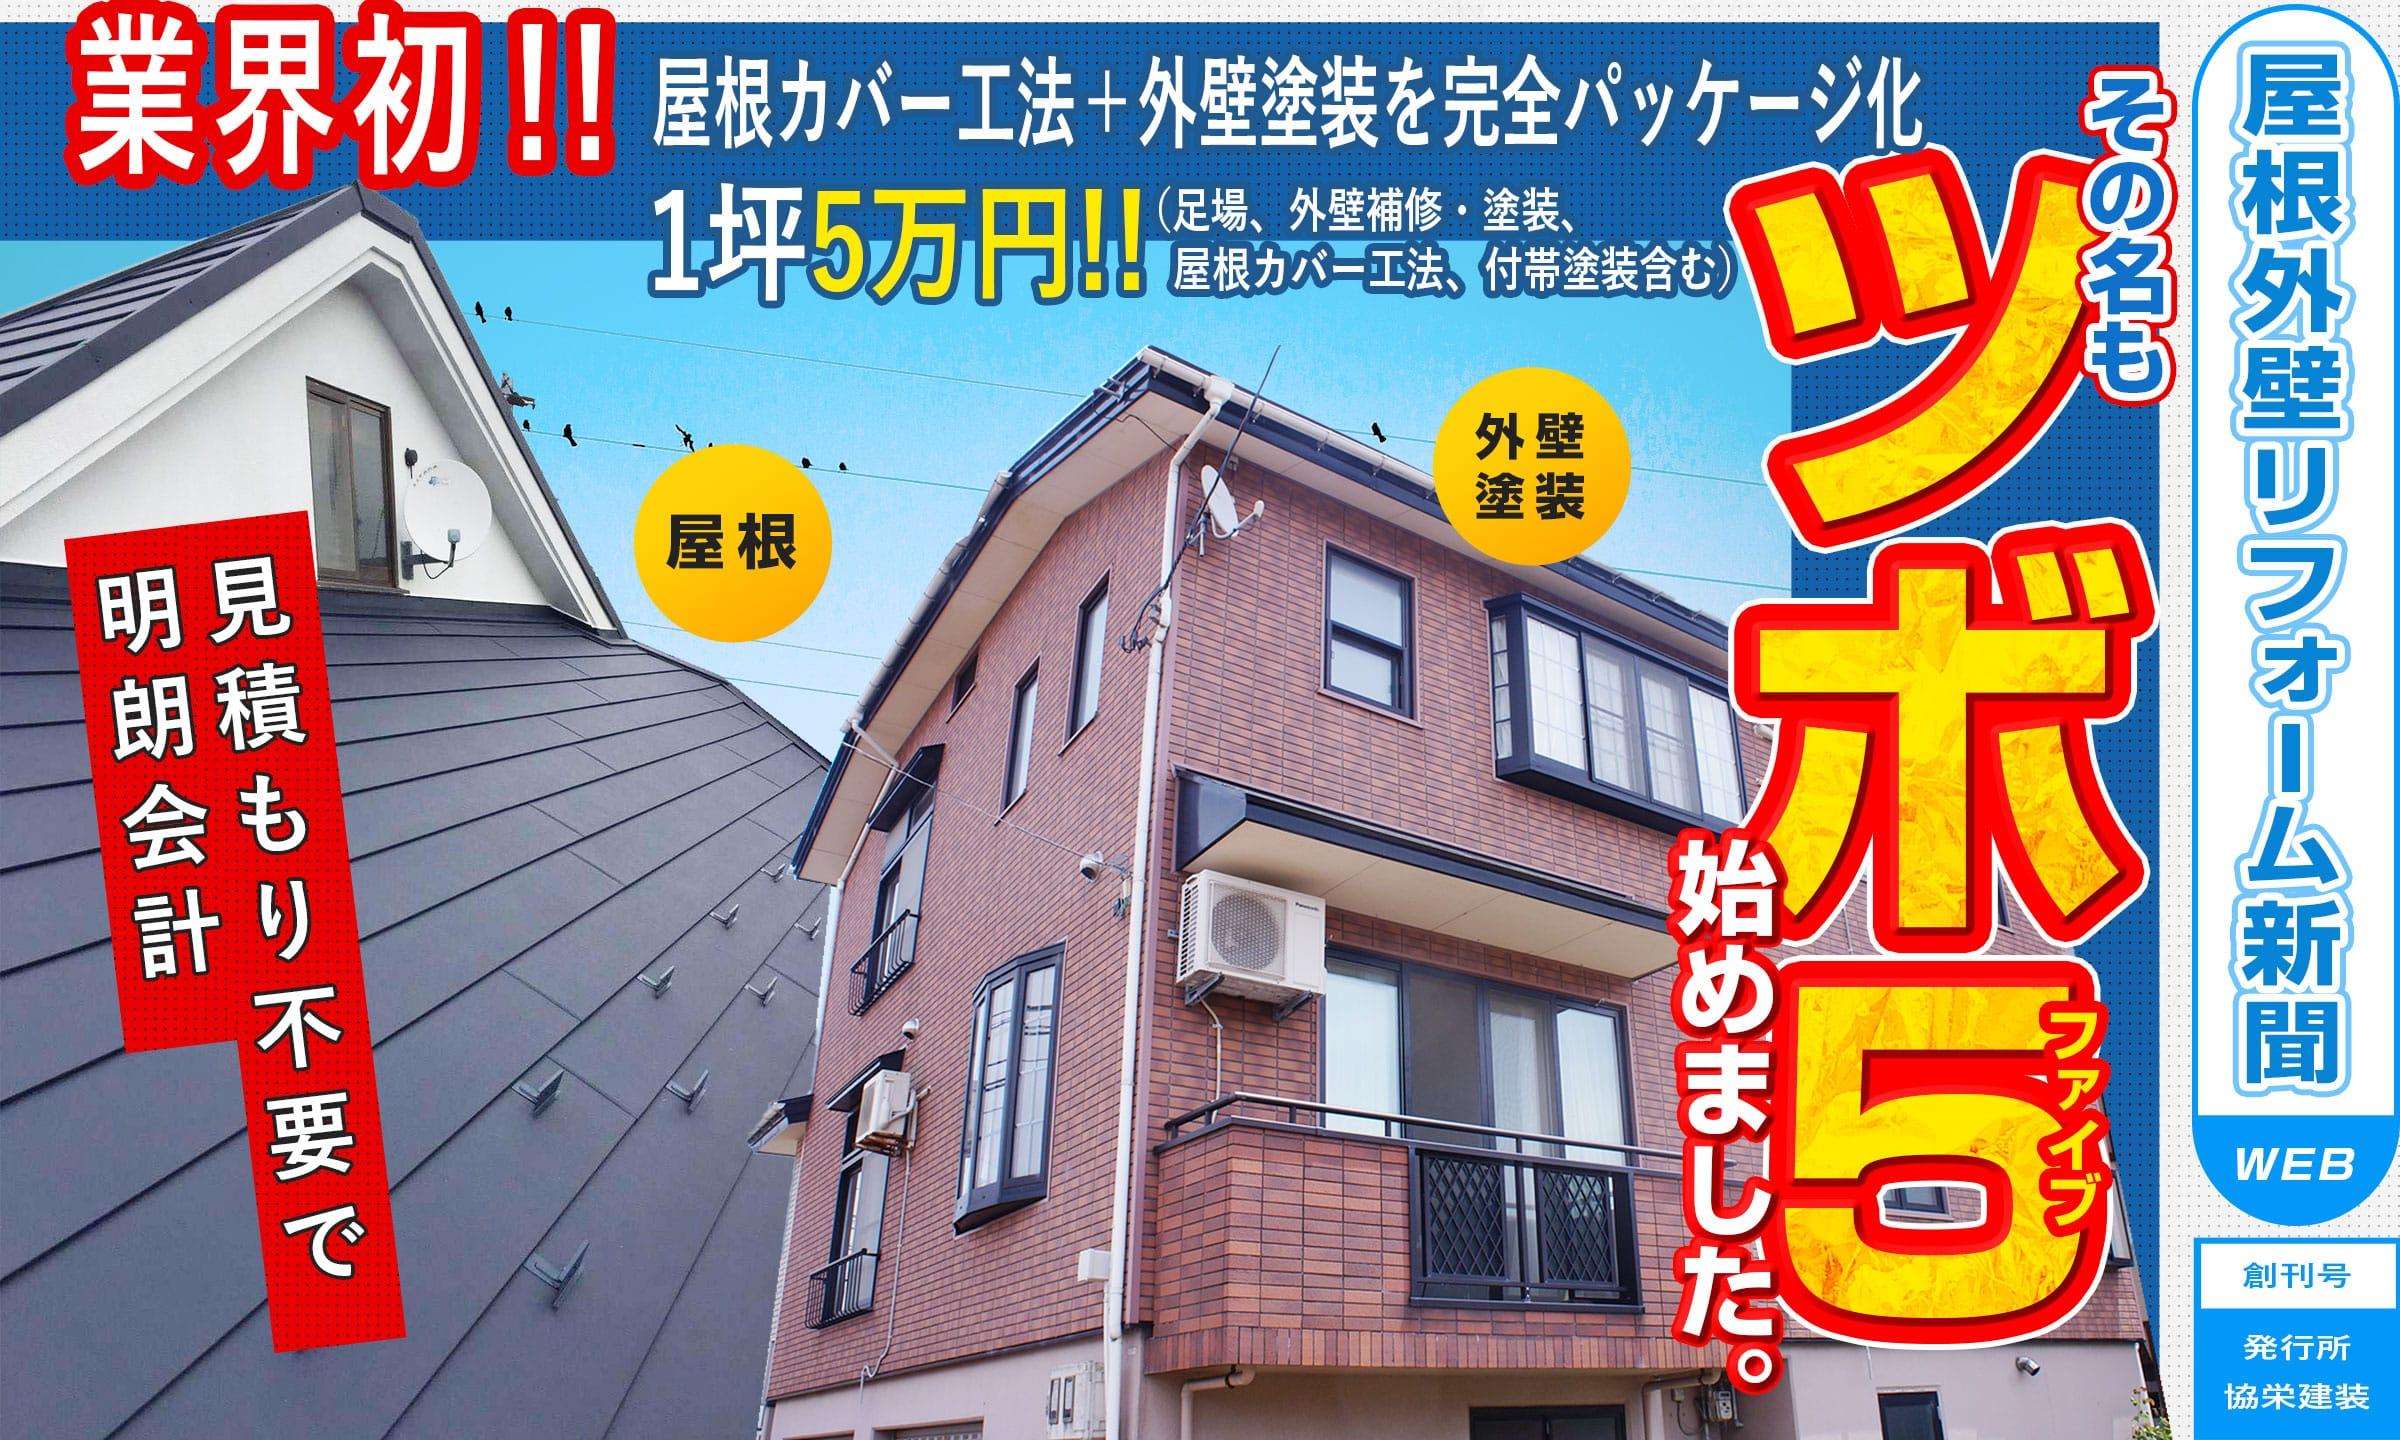 業界初!屋根葺き替え+外壁塗装を完全パッケージ化!1坪5万円!!(延べ床面積)(足場、外壁補修・塗装、屋根葺き替え、付帯塗装含む)その名も『ツボ5(ツボファイブ)』始めました。見積もり不要で明朗会計